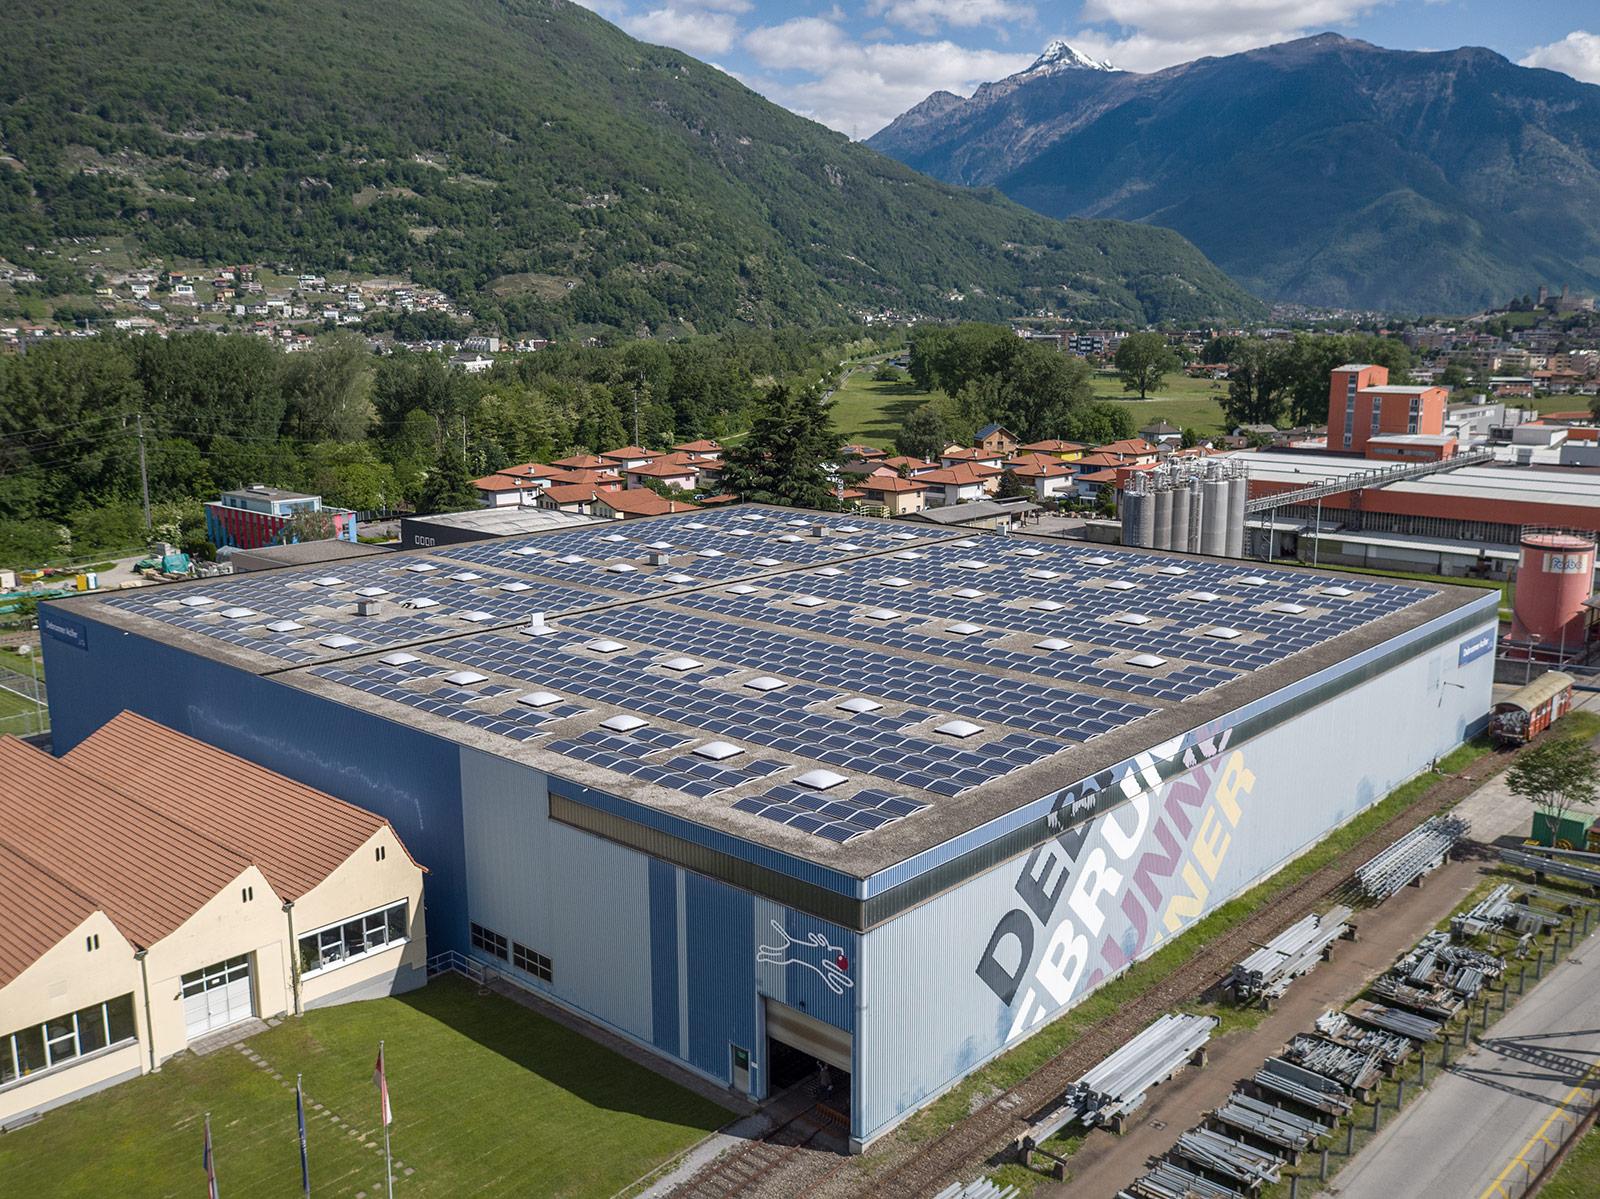 Impianto-fotovoltaico-debrunner_2013.jpg